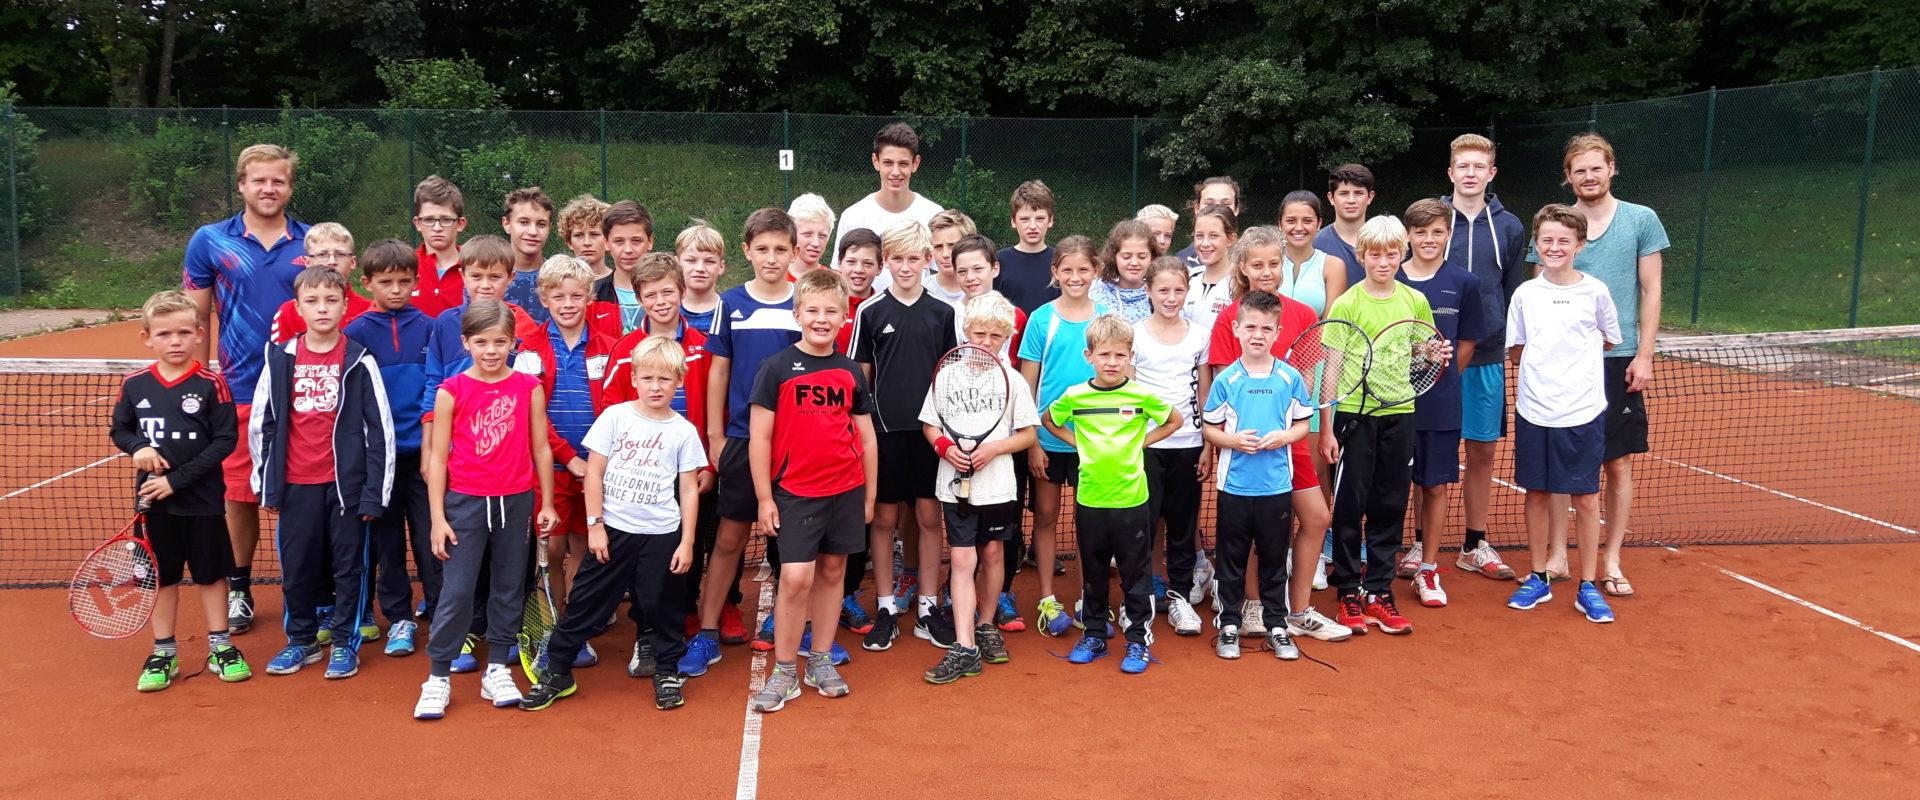 Permalink auf:Stegen Tenniscamp 2017